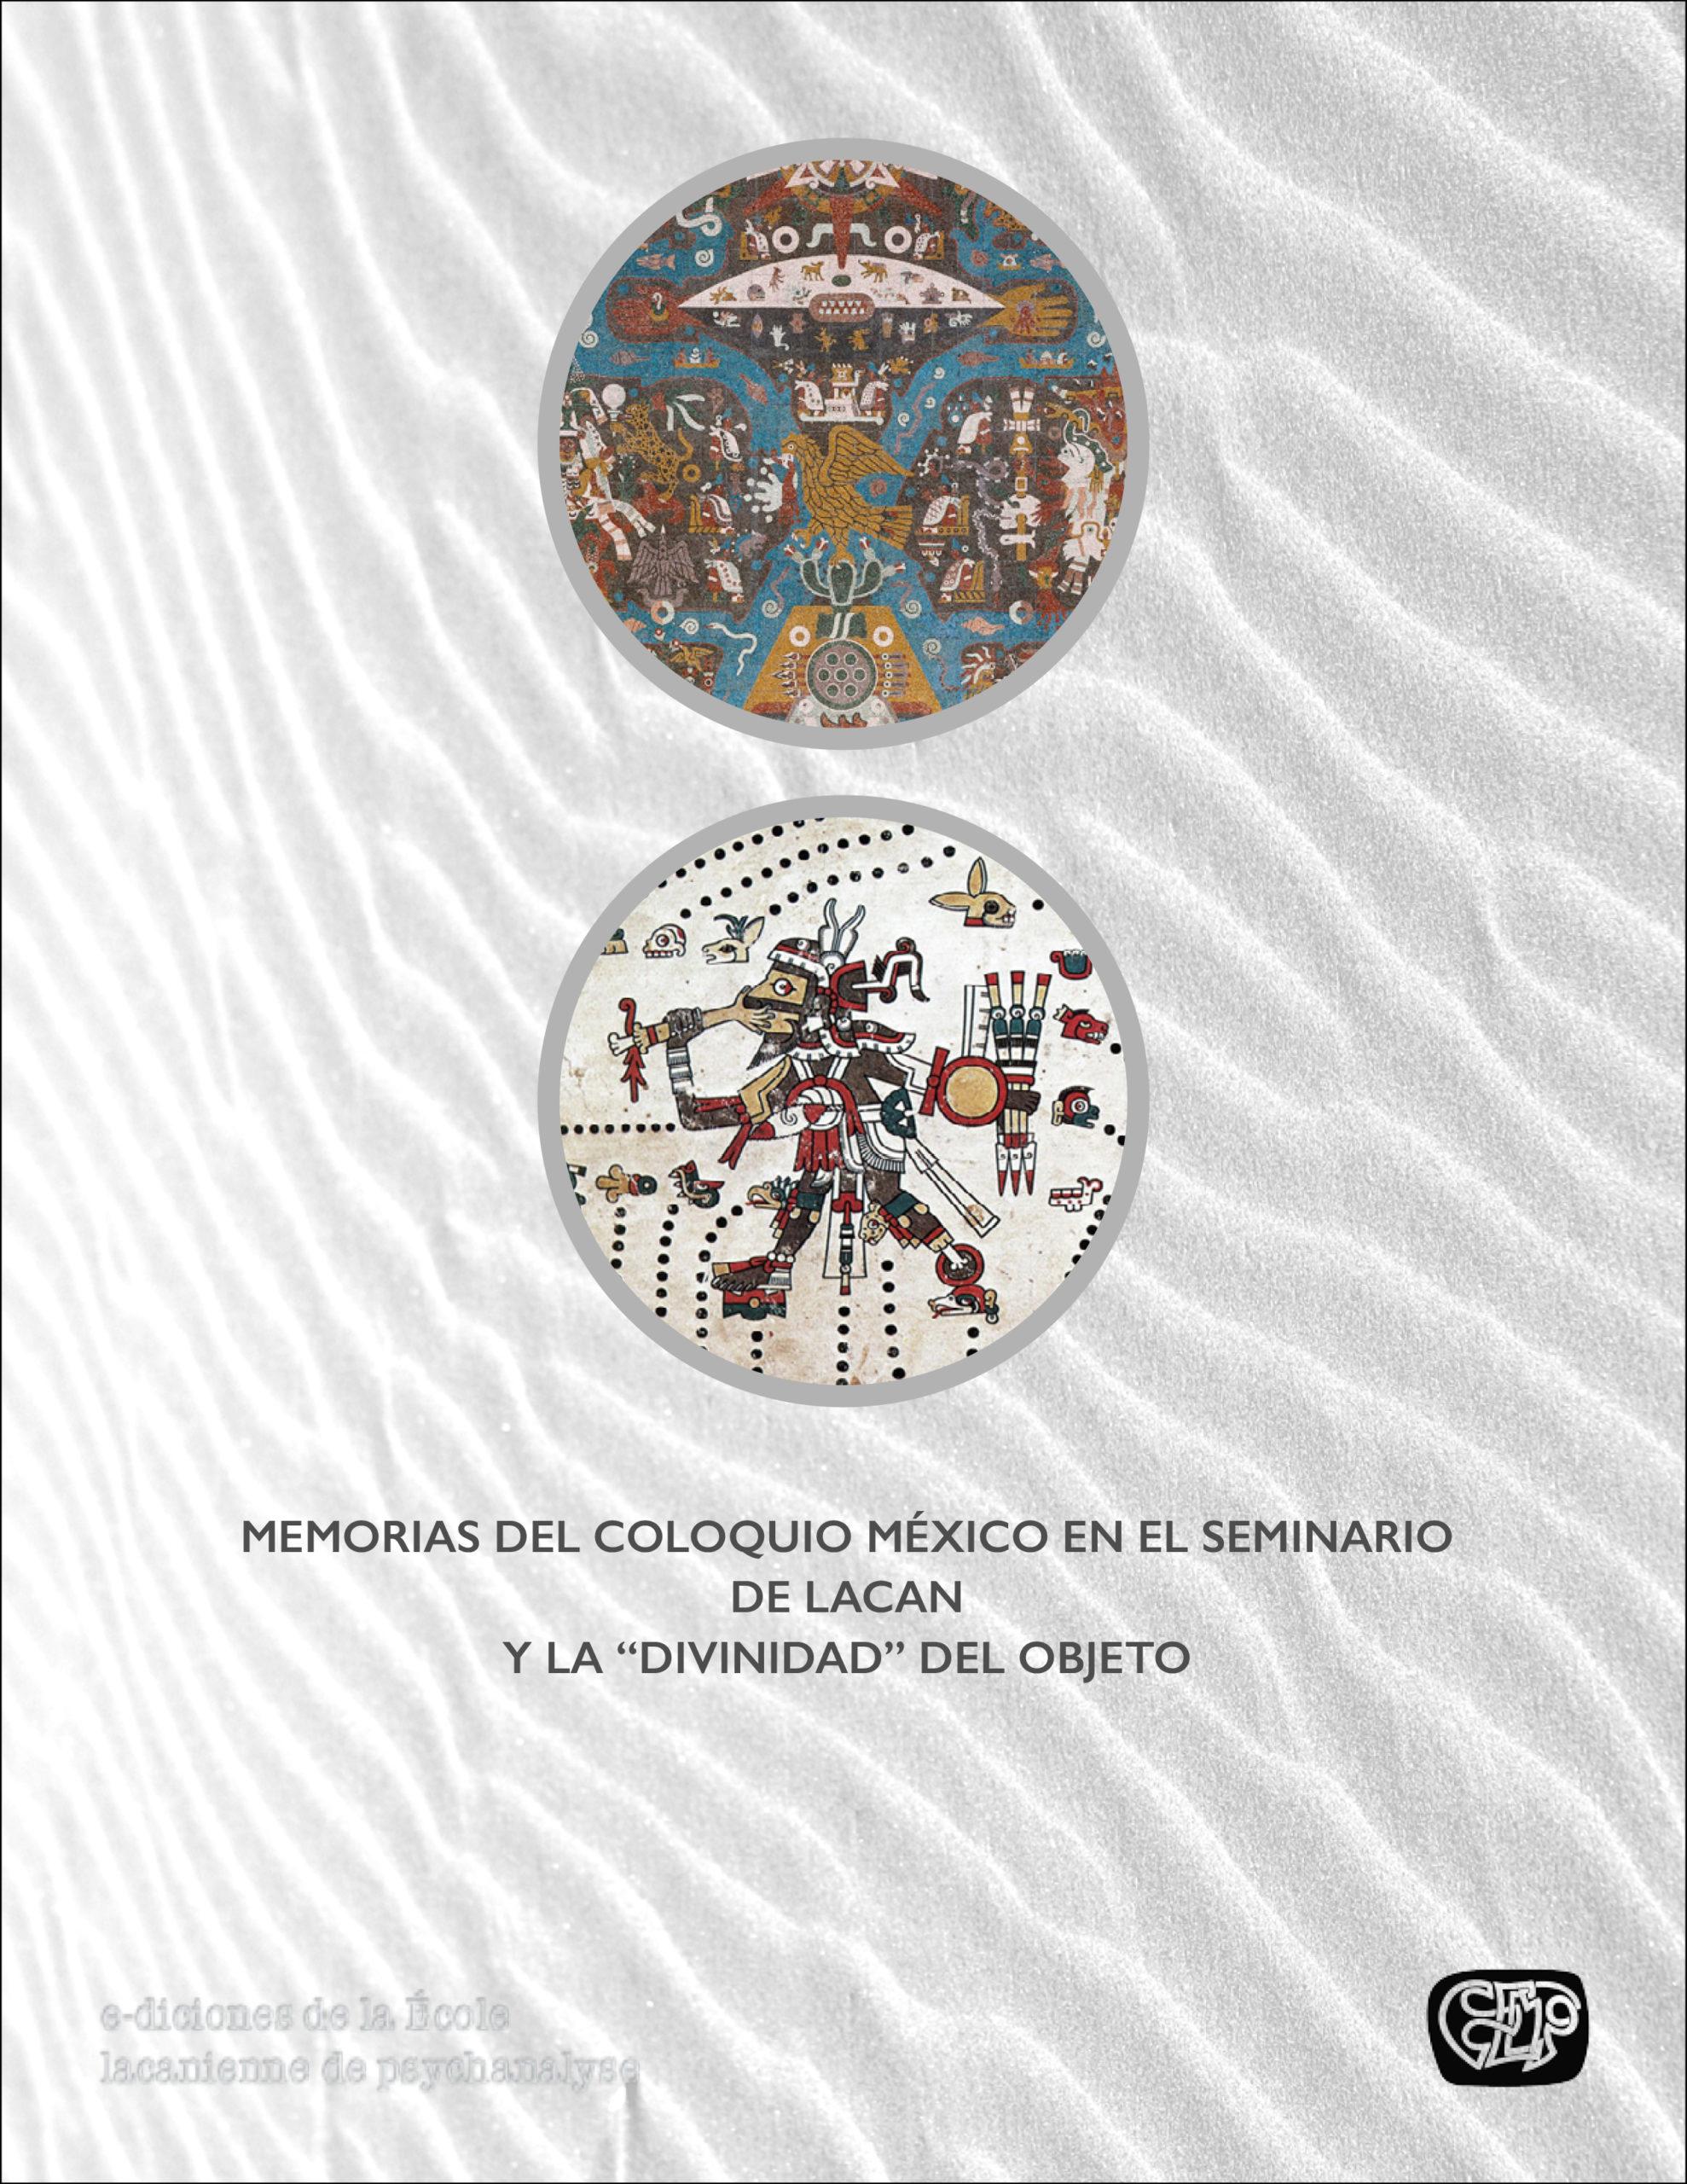 México en el seminario de Lacan